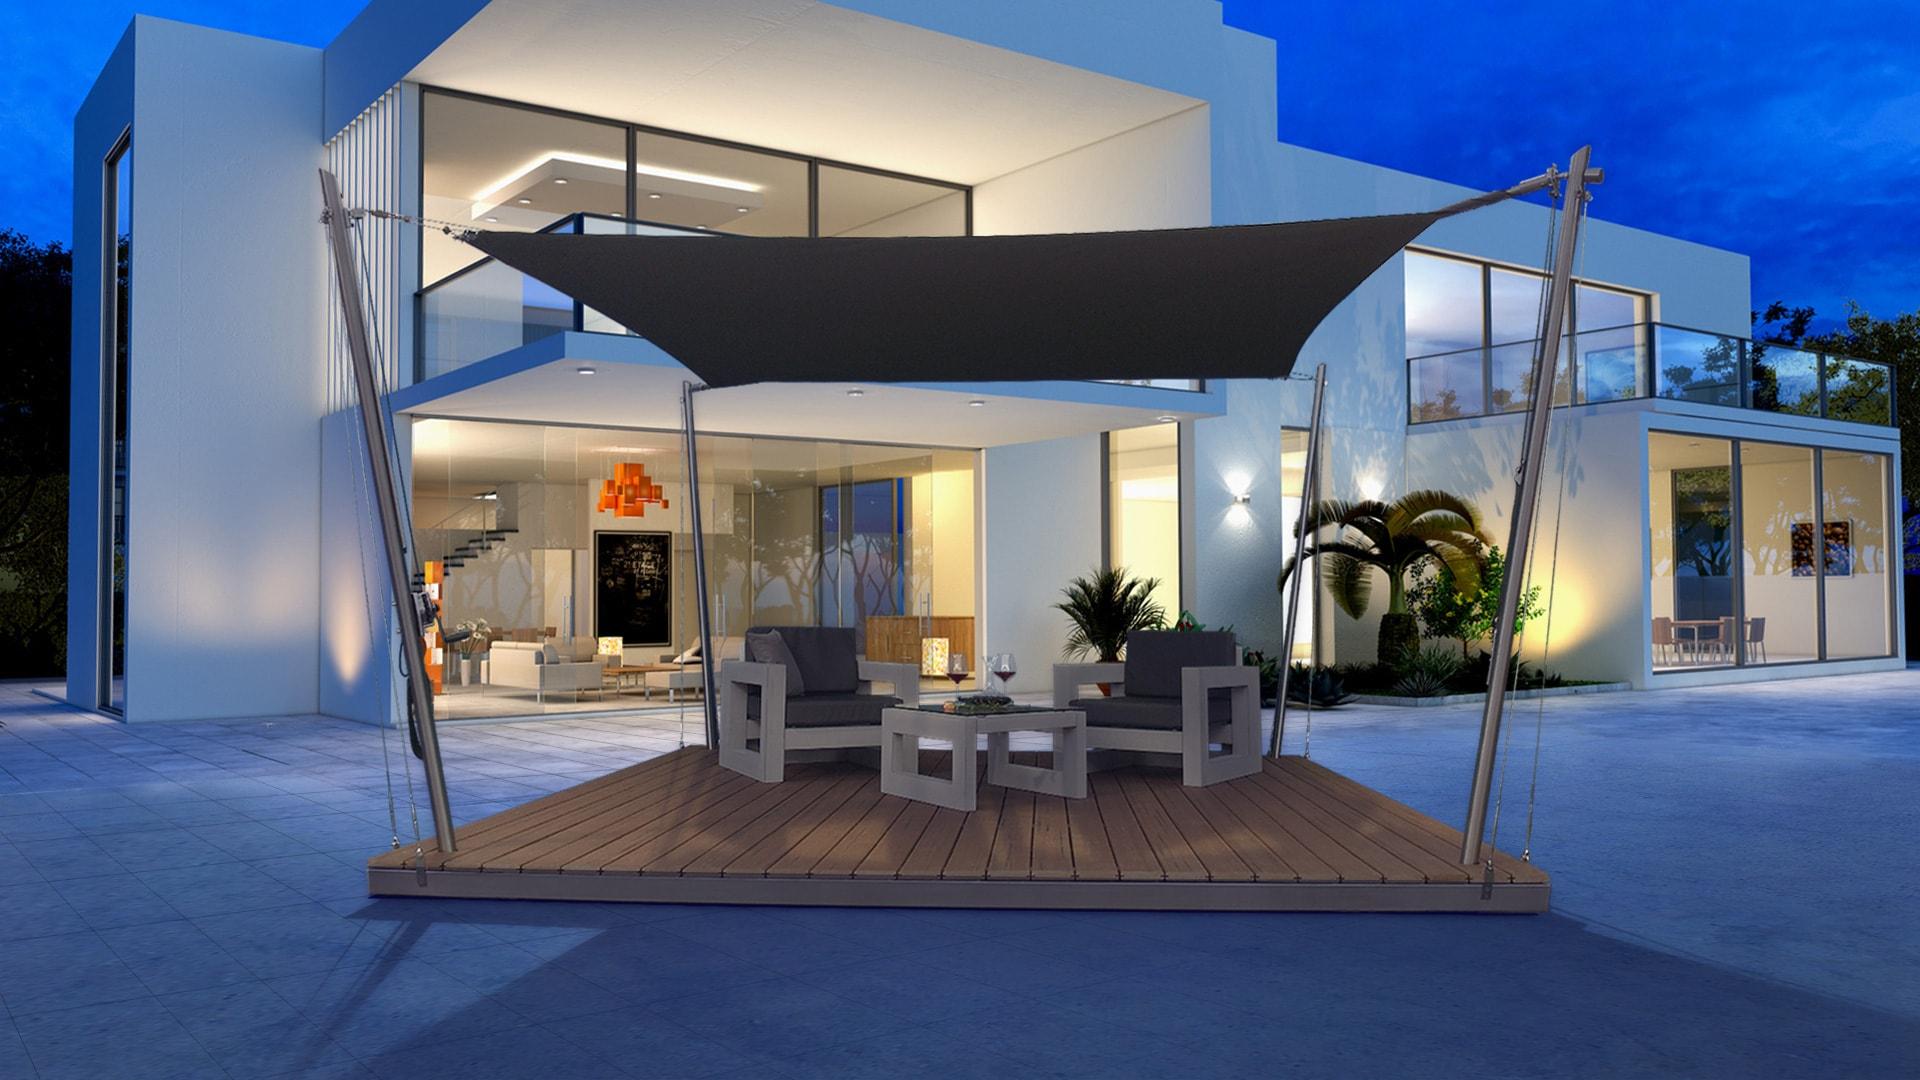 Eine Sonnensegel-Lounge vor einem Wohnhaus.